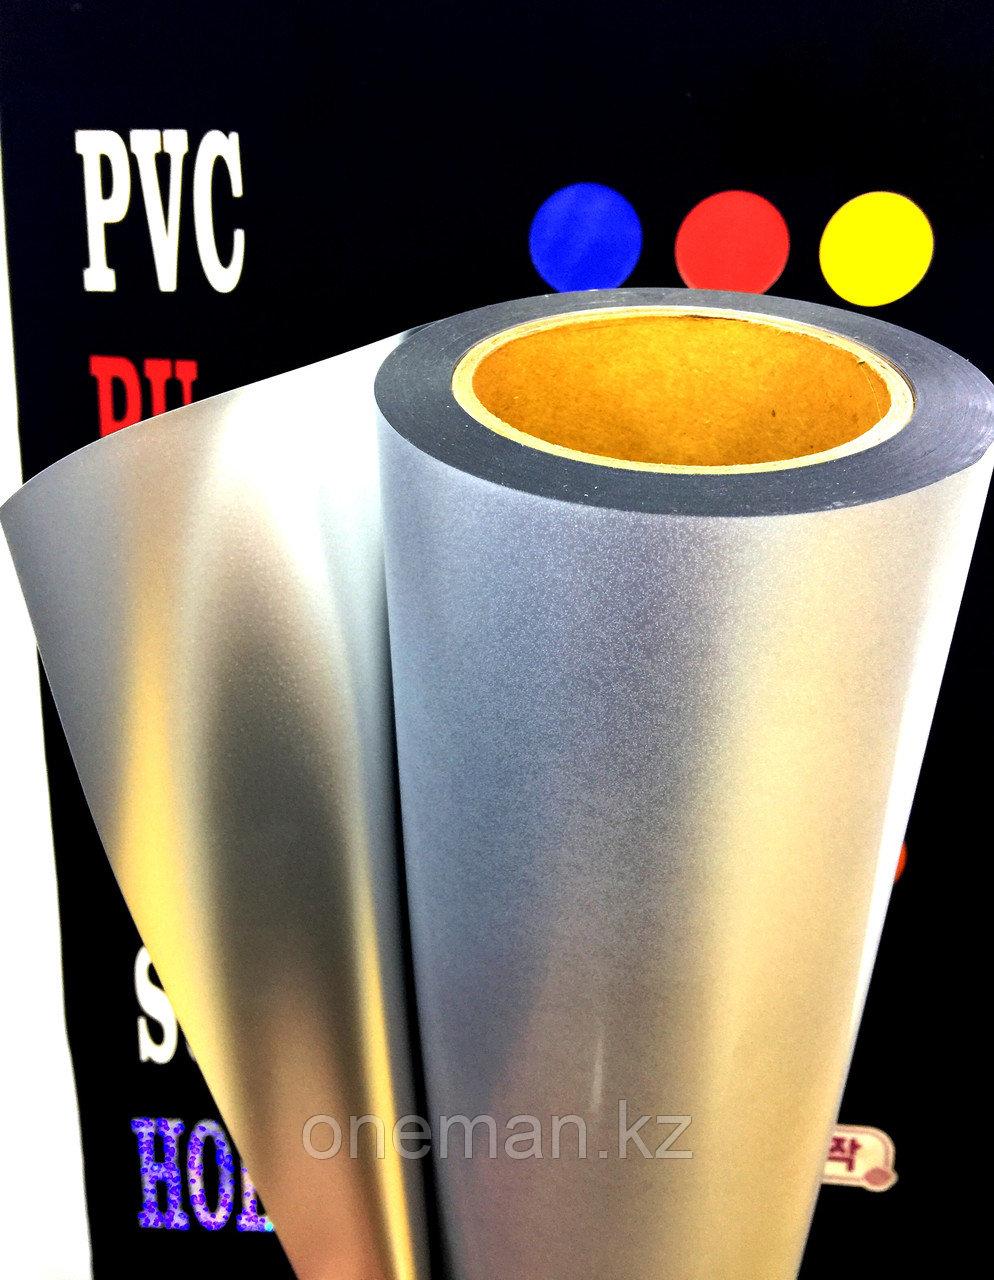 Флекс пленка для сольвентной печати СЕРЕБРО (OS Comprinter Film Silver)